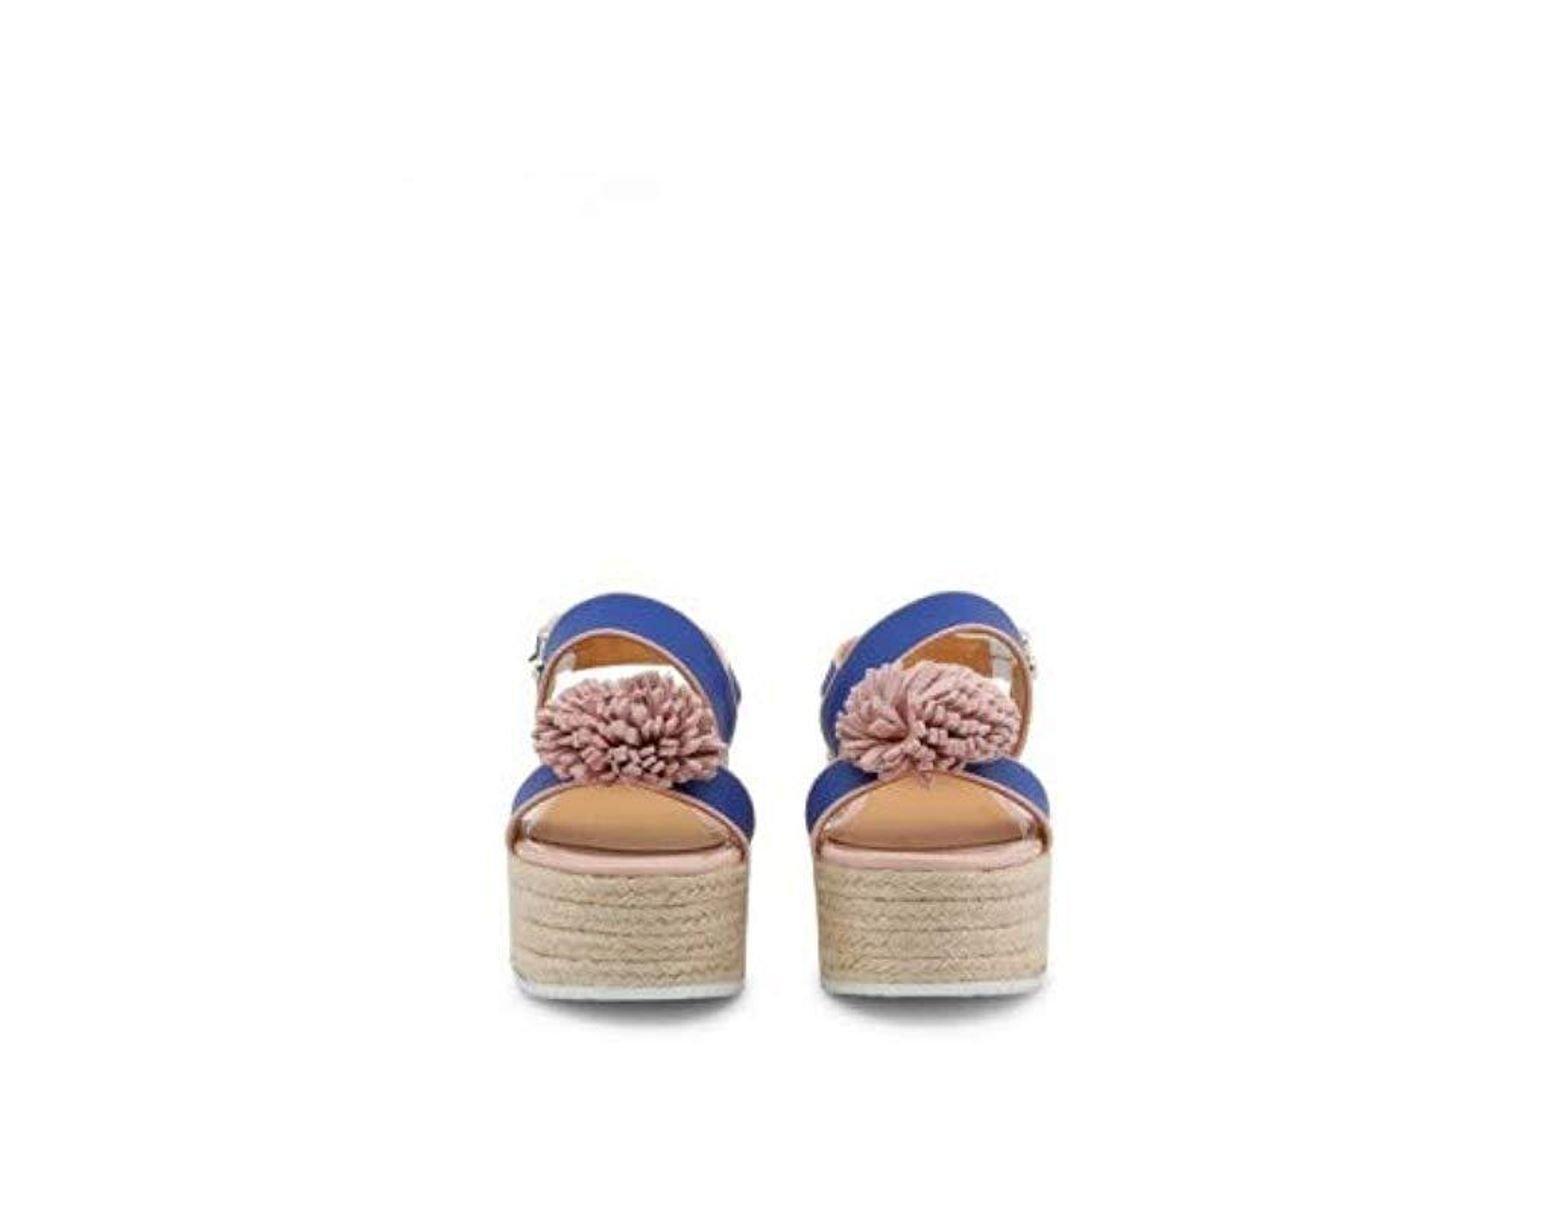 befd99107df5b Love Moschino Platform Sandals Blue Ja16107i15id in Blue - Lyst